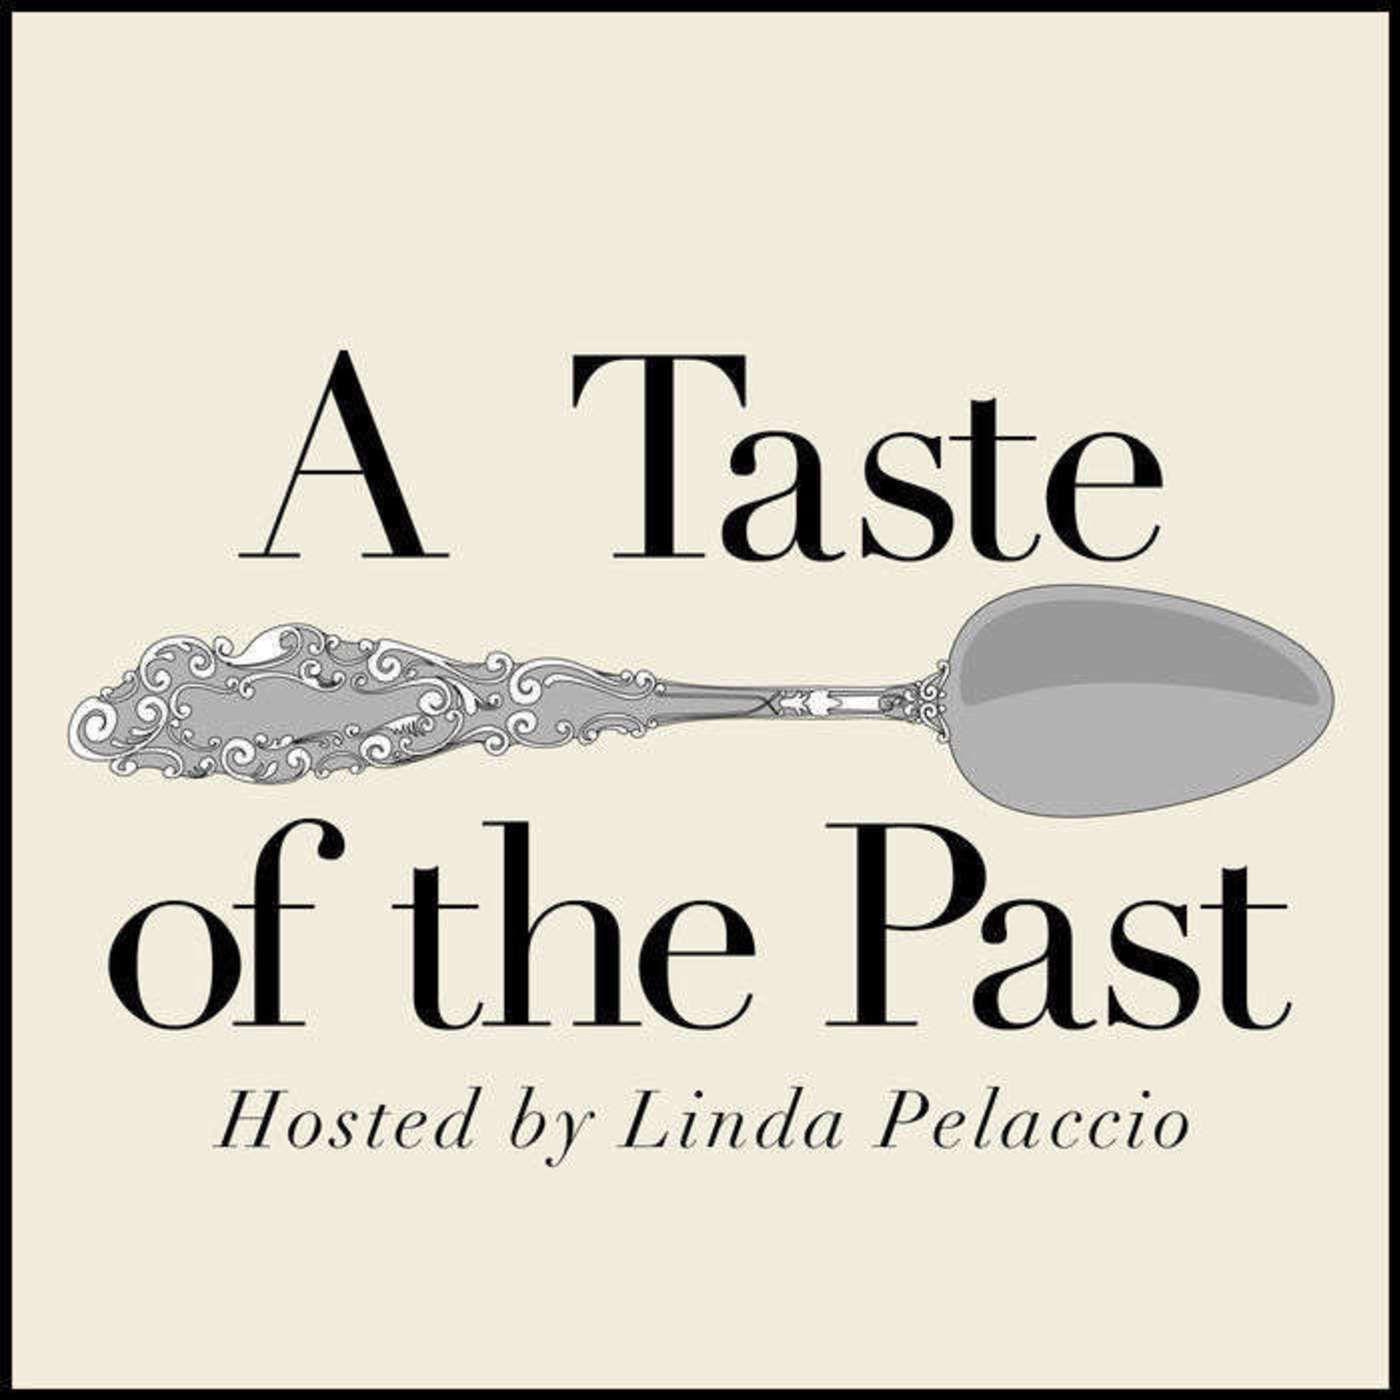 Episode 142: Antarctic Cuisine